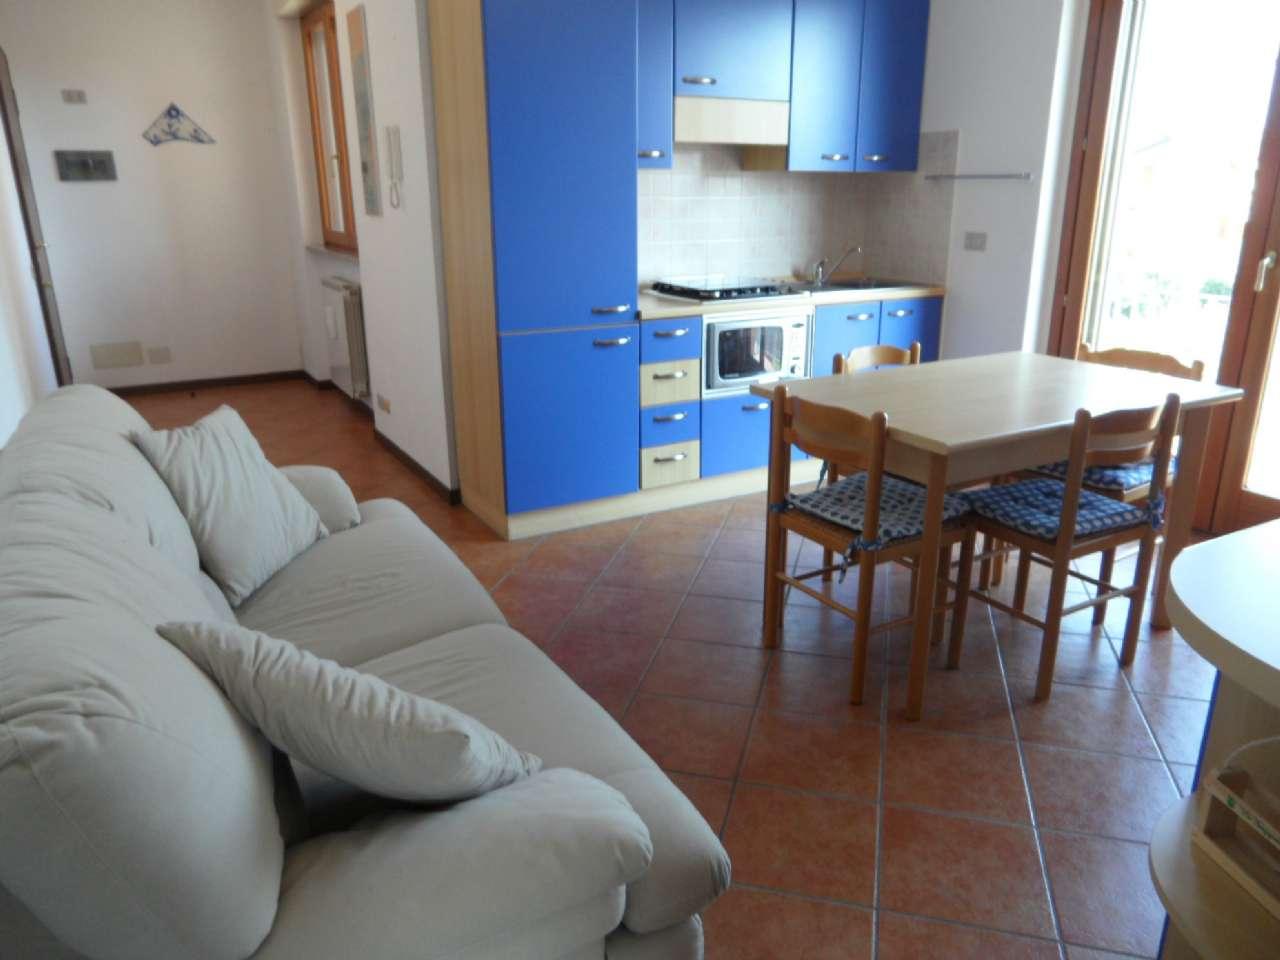 Appartamento in vendita a Bagnatica, 2 locali, prezzo € 89.000 | CambioCasa.it